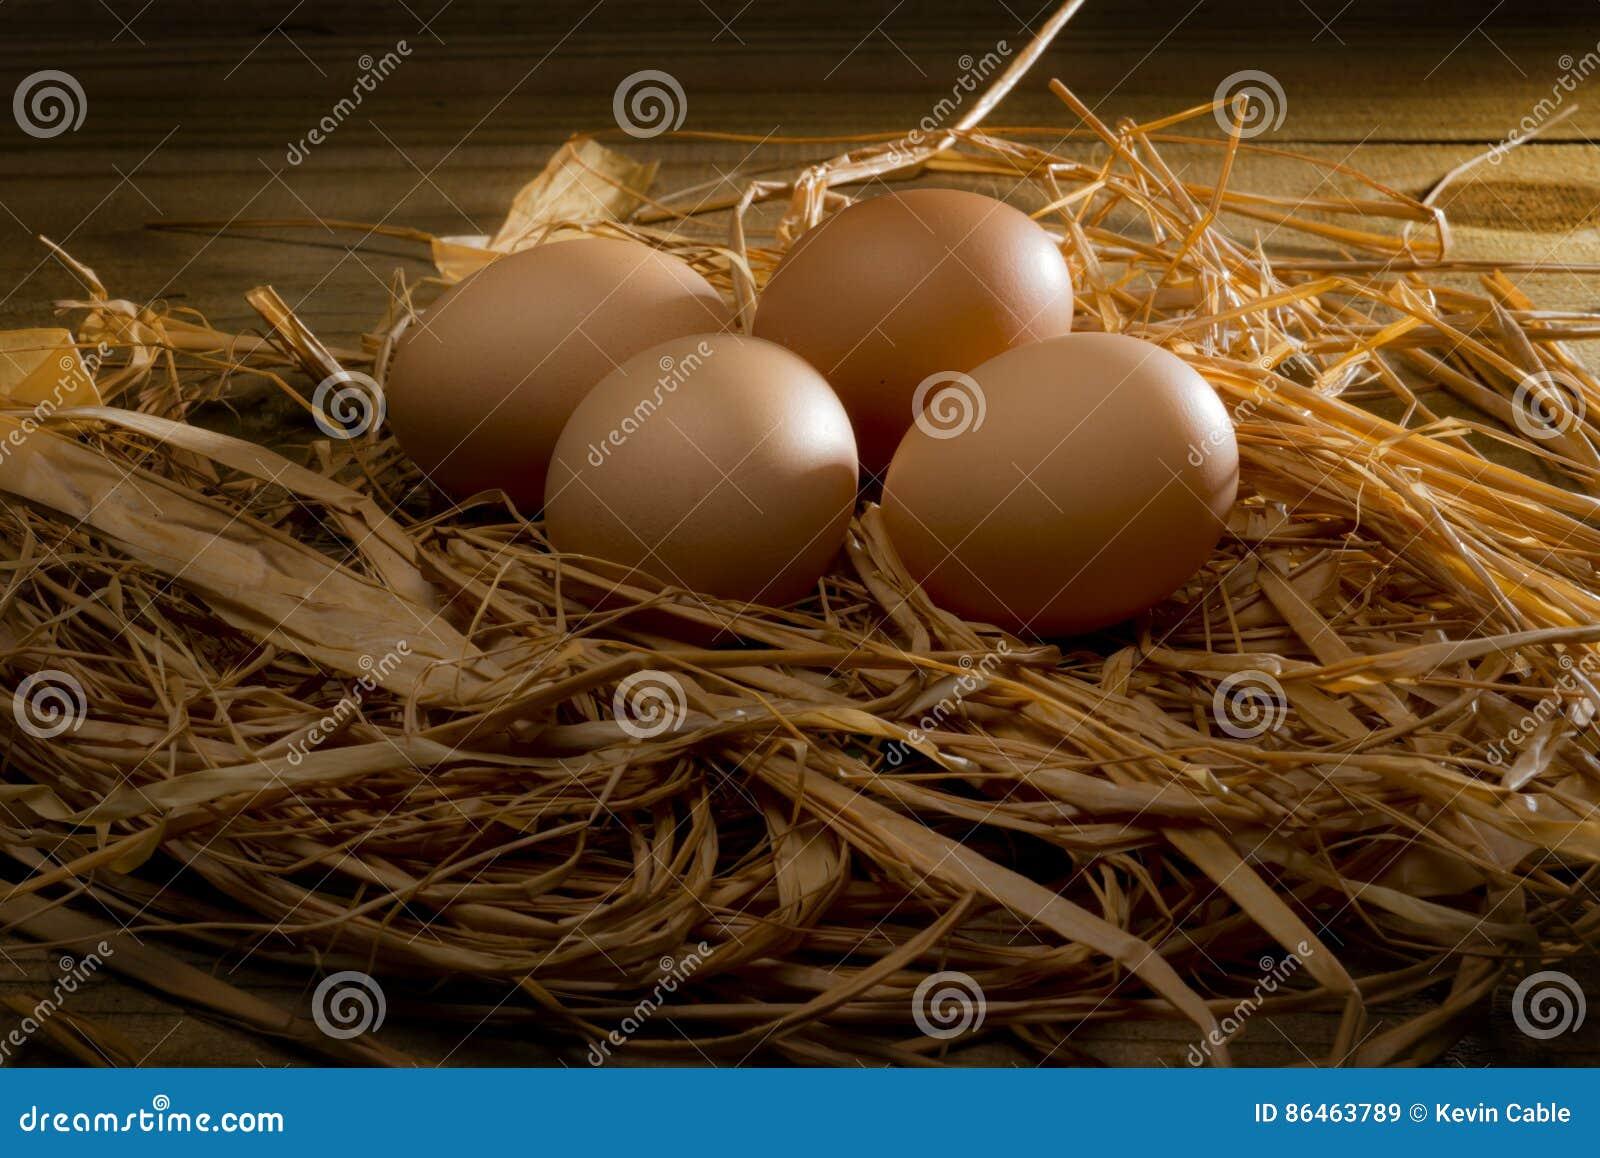 Chicken brown eggs in nest